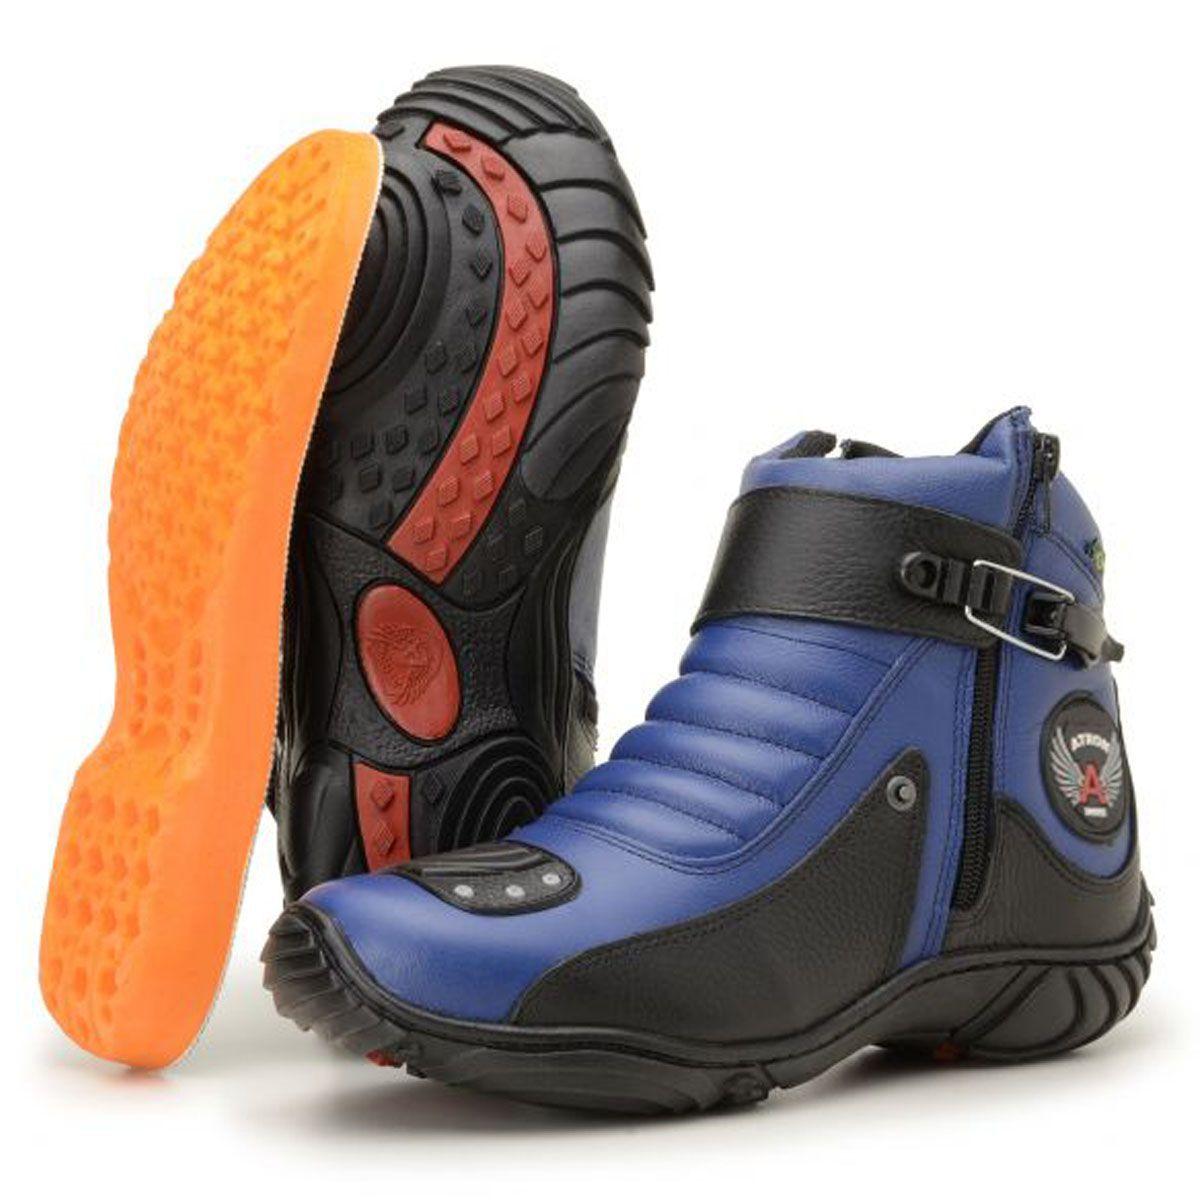 50728aa20b Coturno motociclista em couro legítimo nas cores azul e preto 304